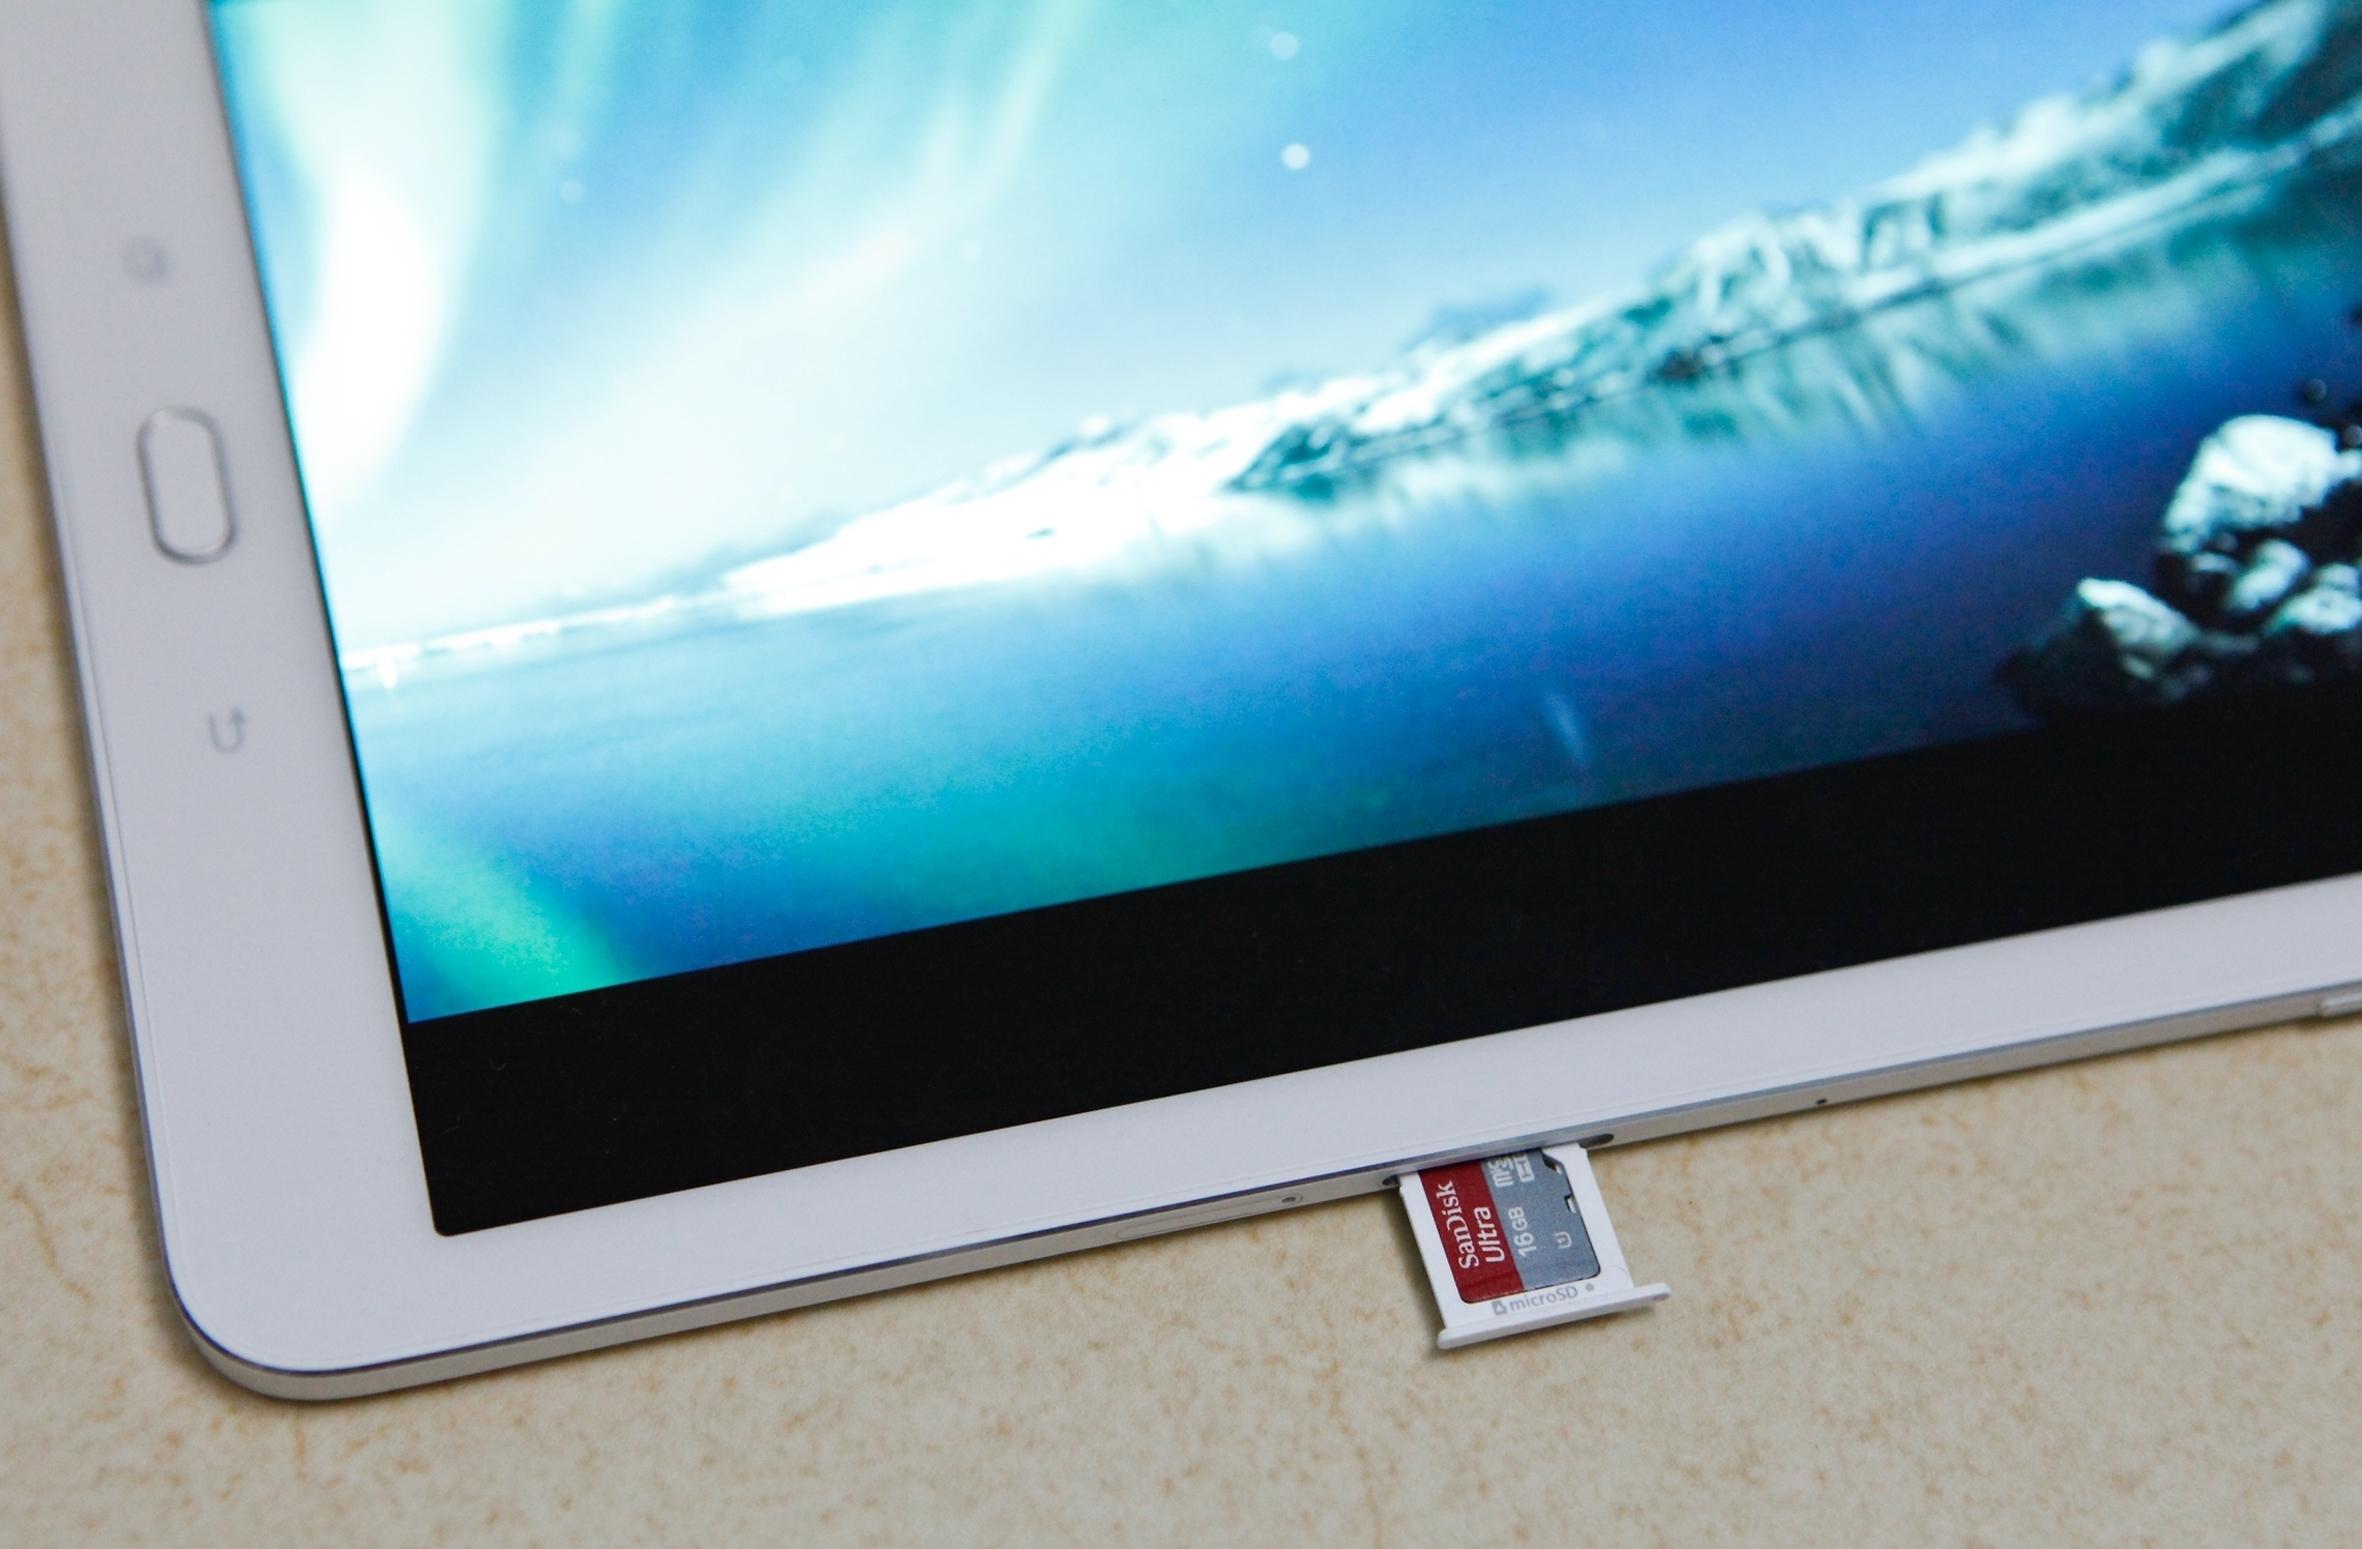 Galaxy tab S2 bộ nhớ tốt pin hiệu quả